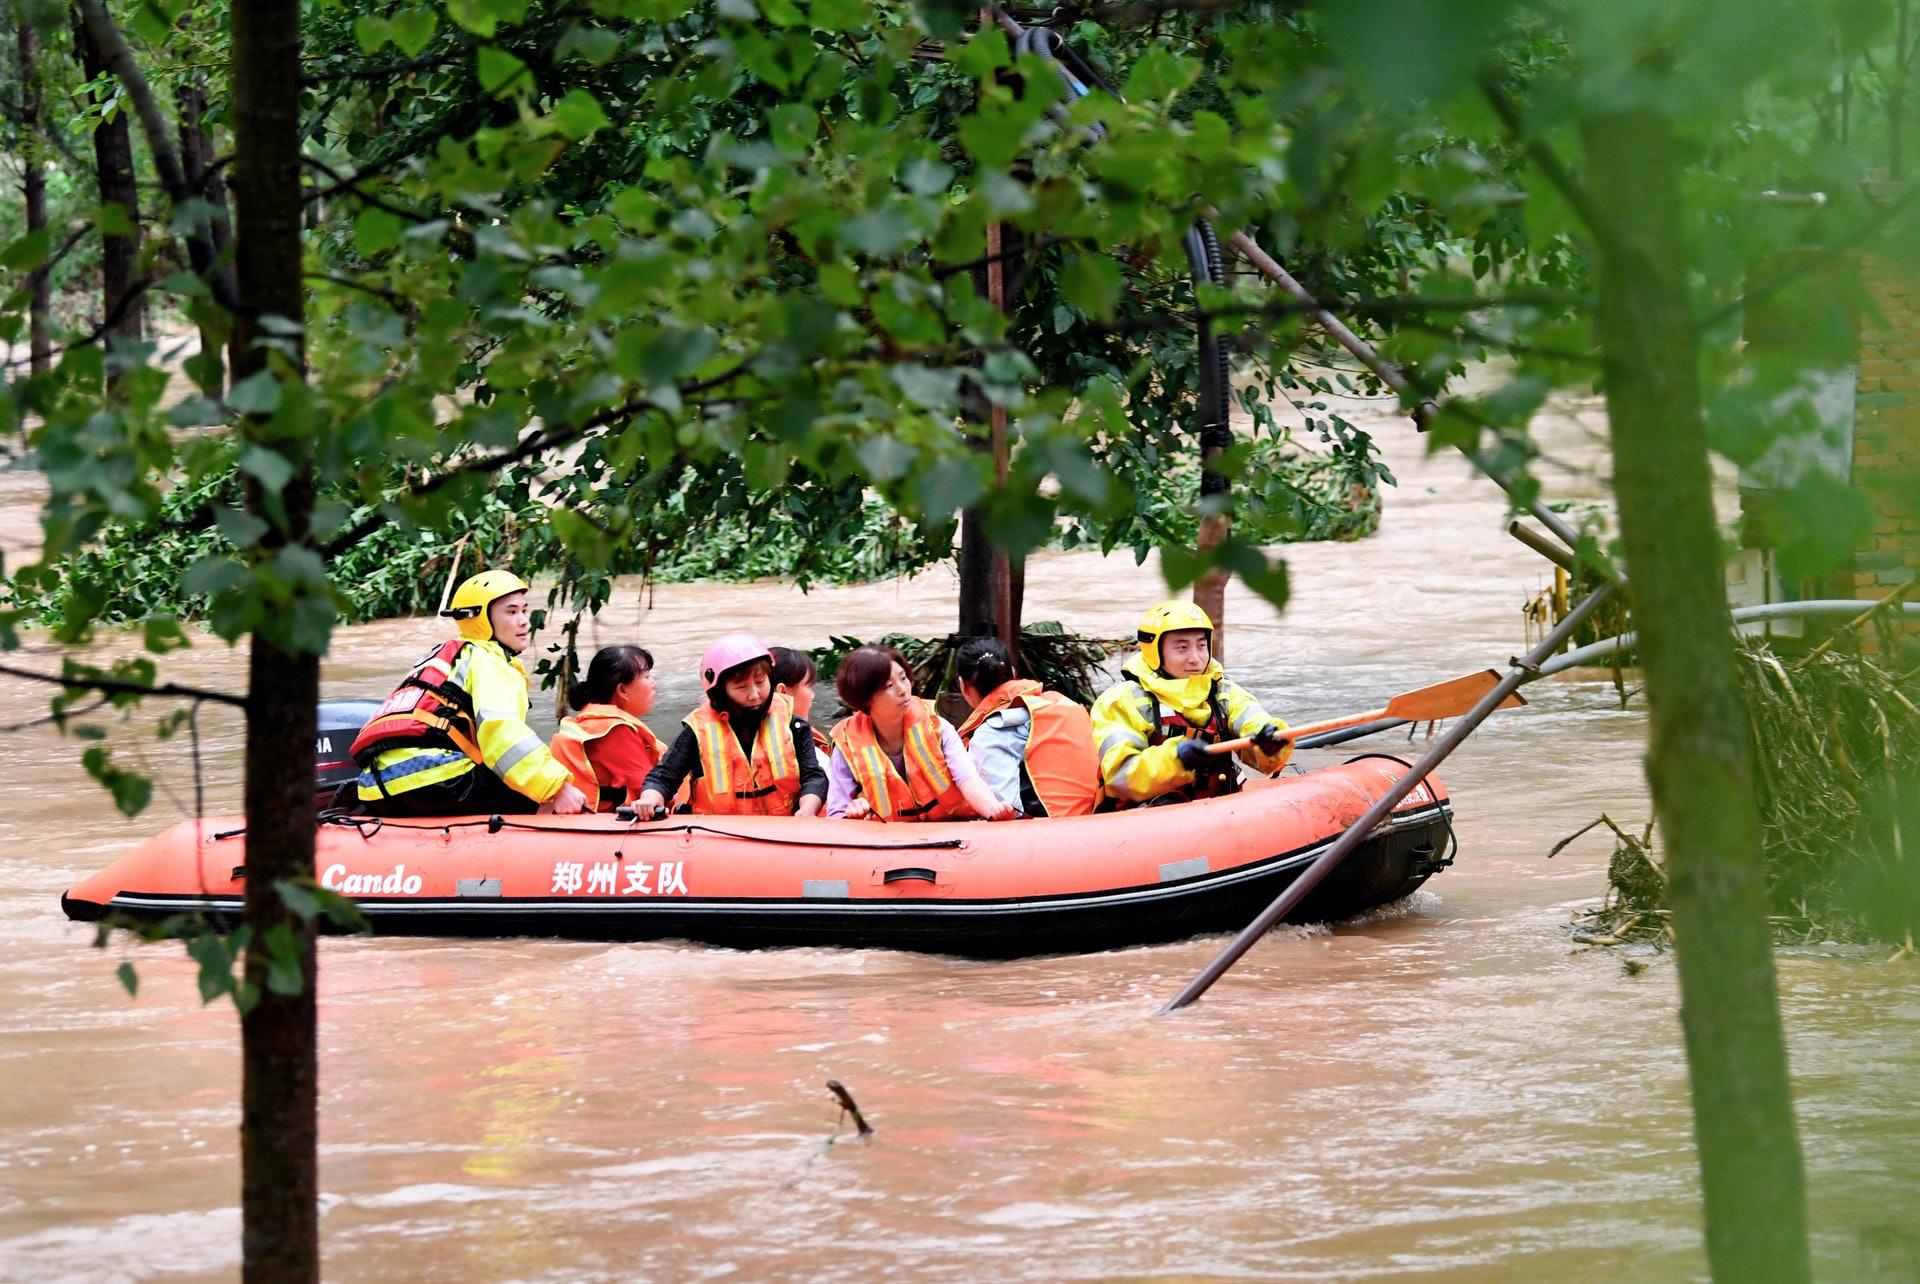 7月20日,受持續強降雨影響,河南省登封市唐莊鎮龍頭村附近突發山洪,村民受困。(新華社)